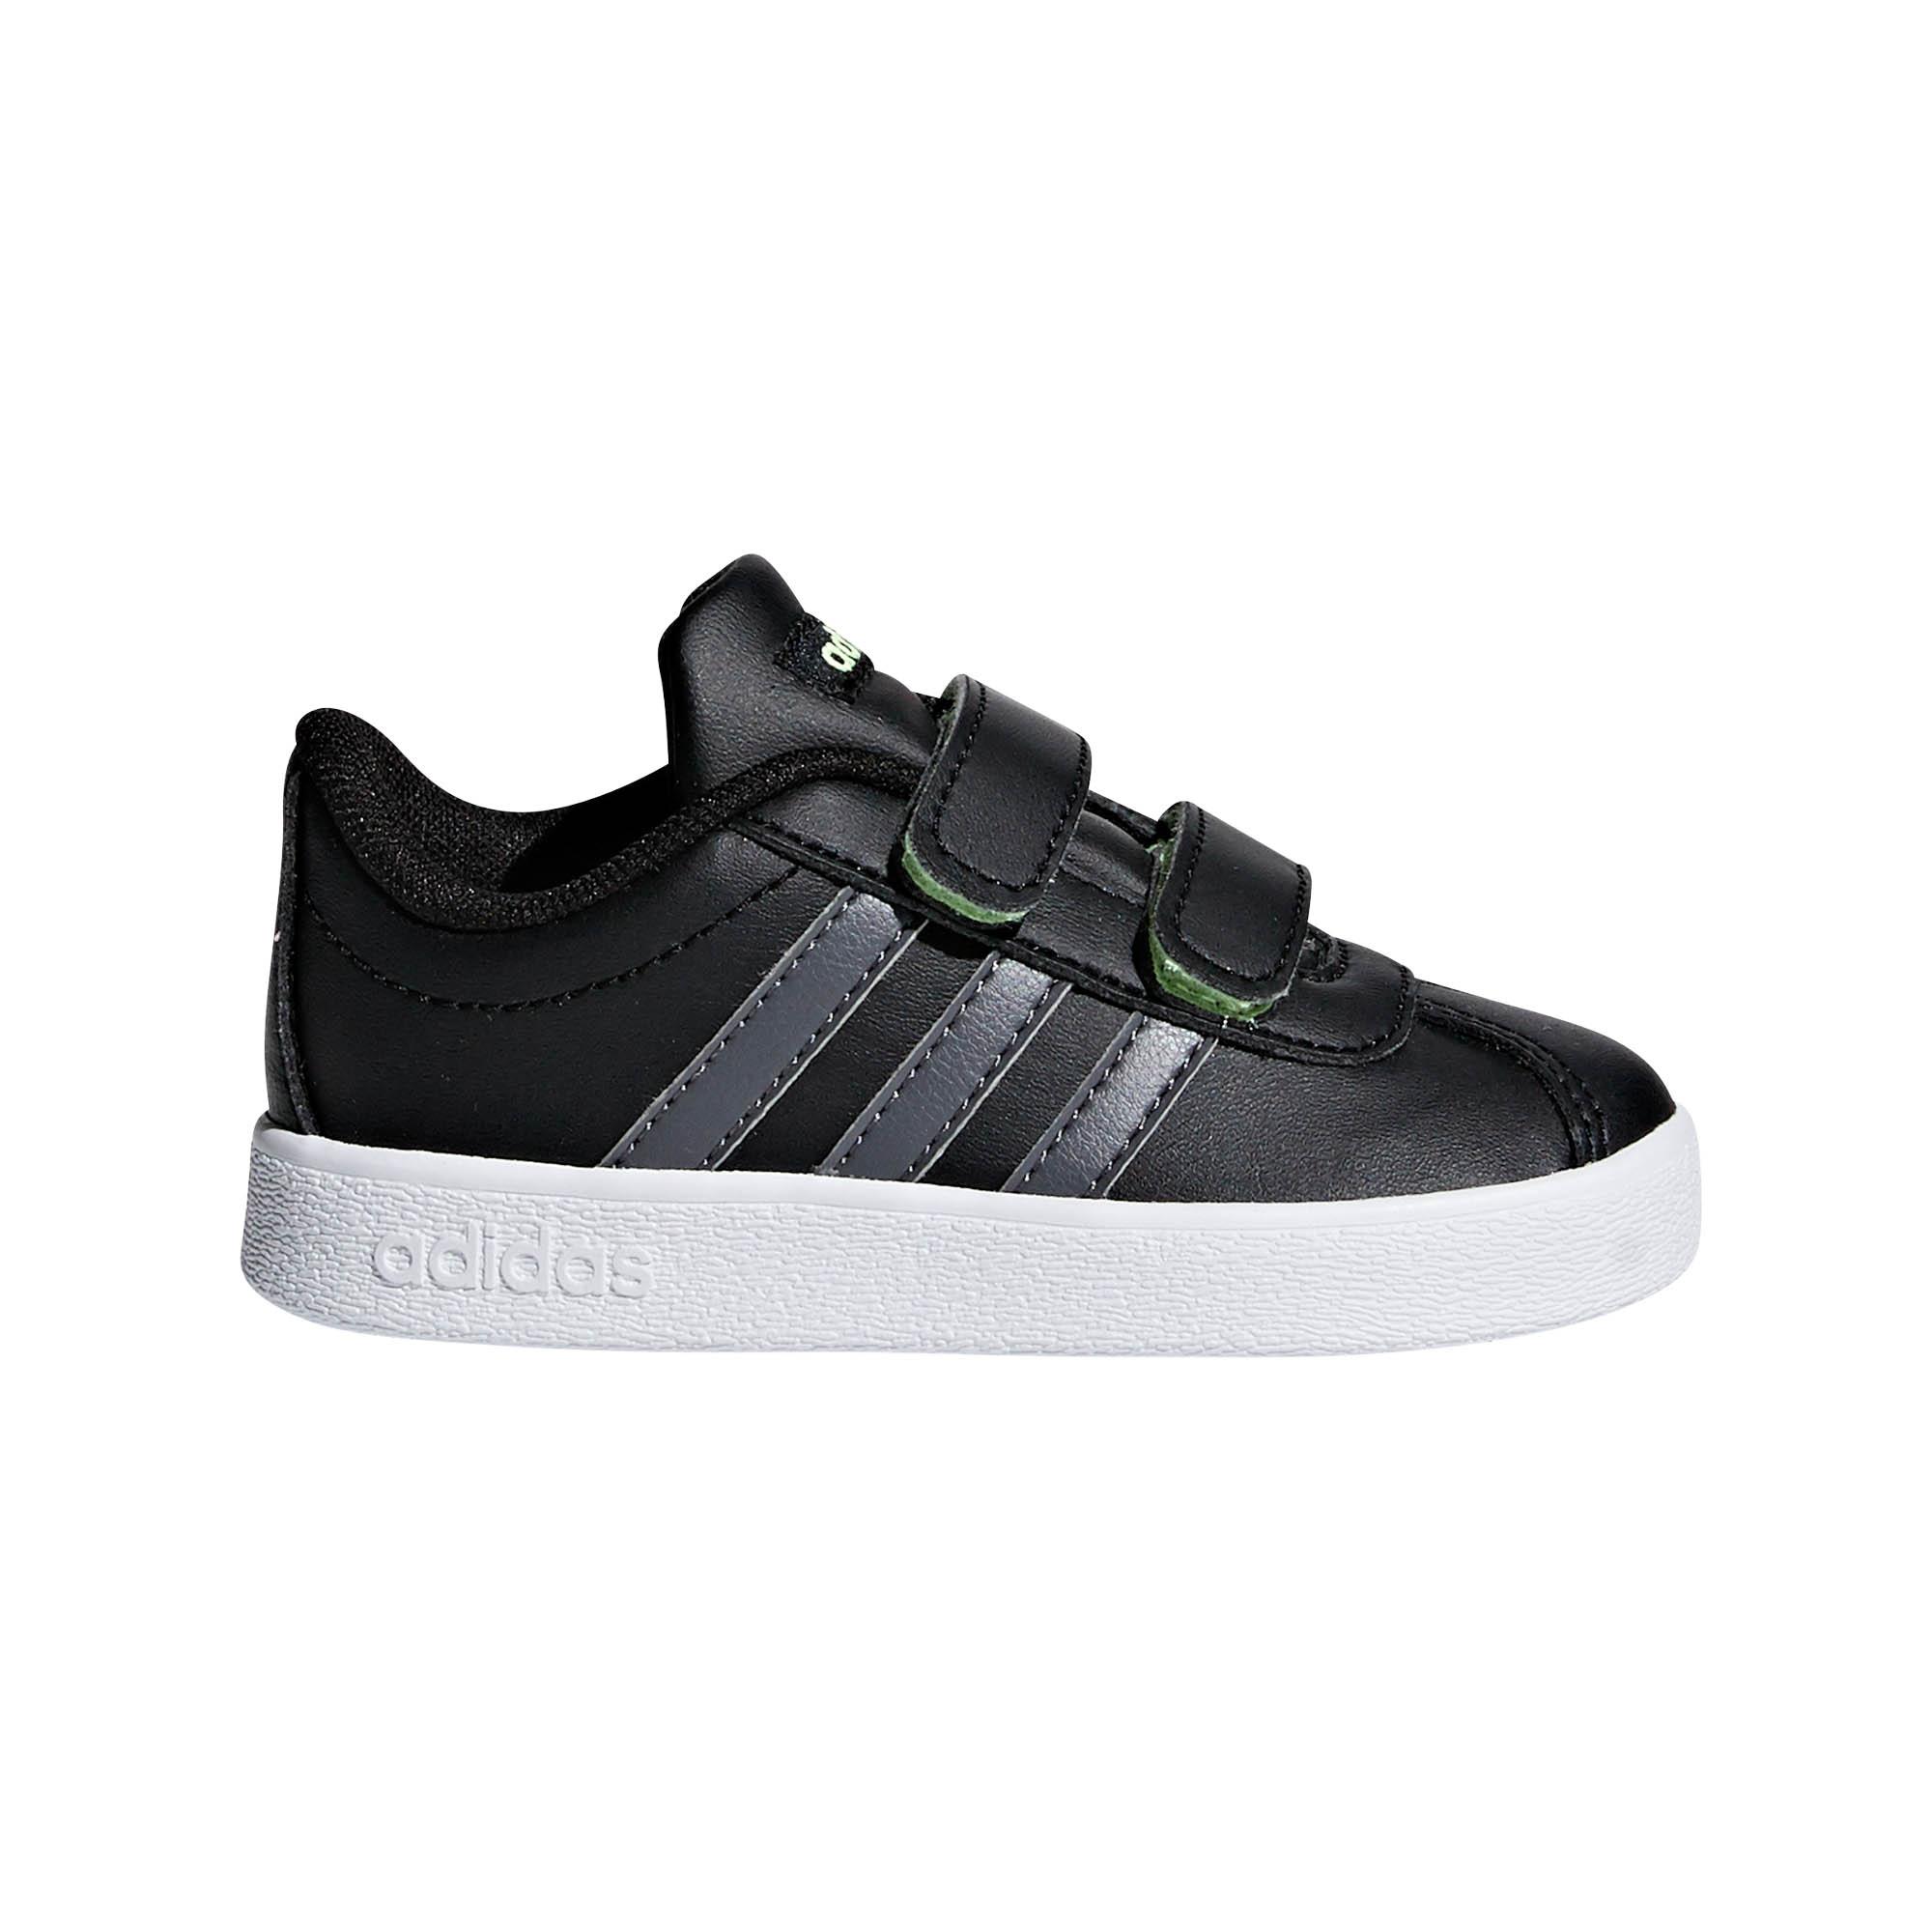 e2bef890b8d3 Details about adidas VL Court 2.0 Infant Kids Boys Sports Trainer Shoe Black